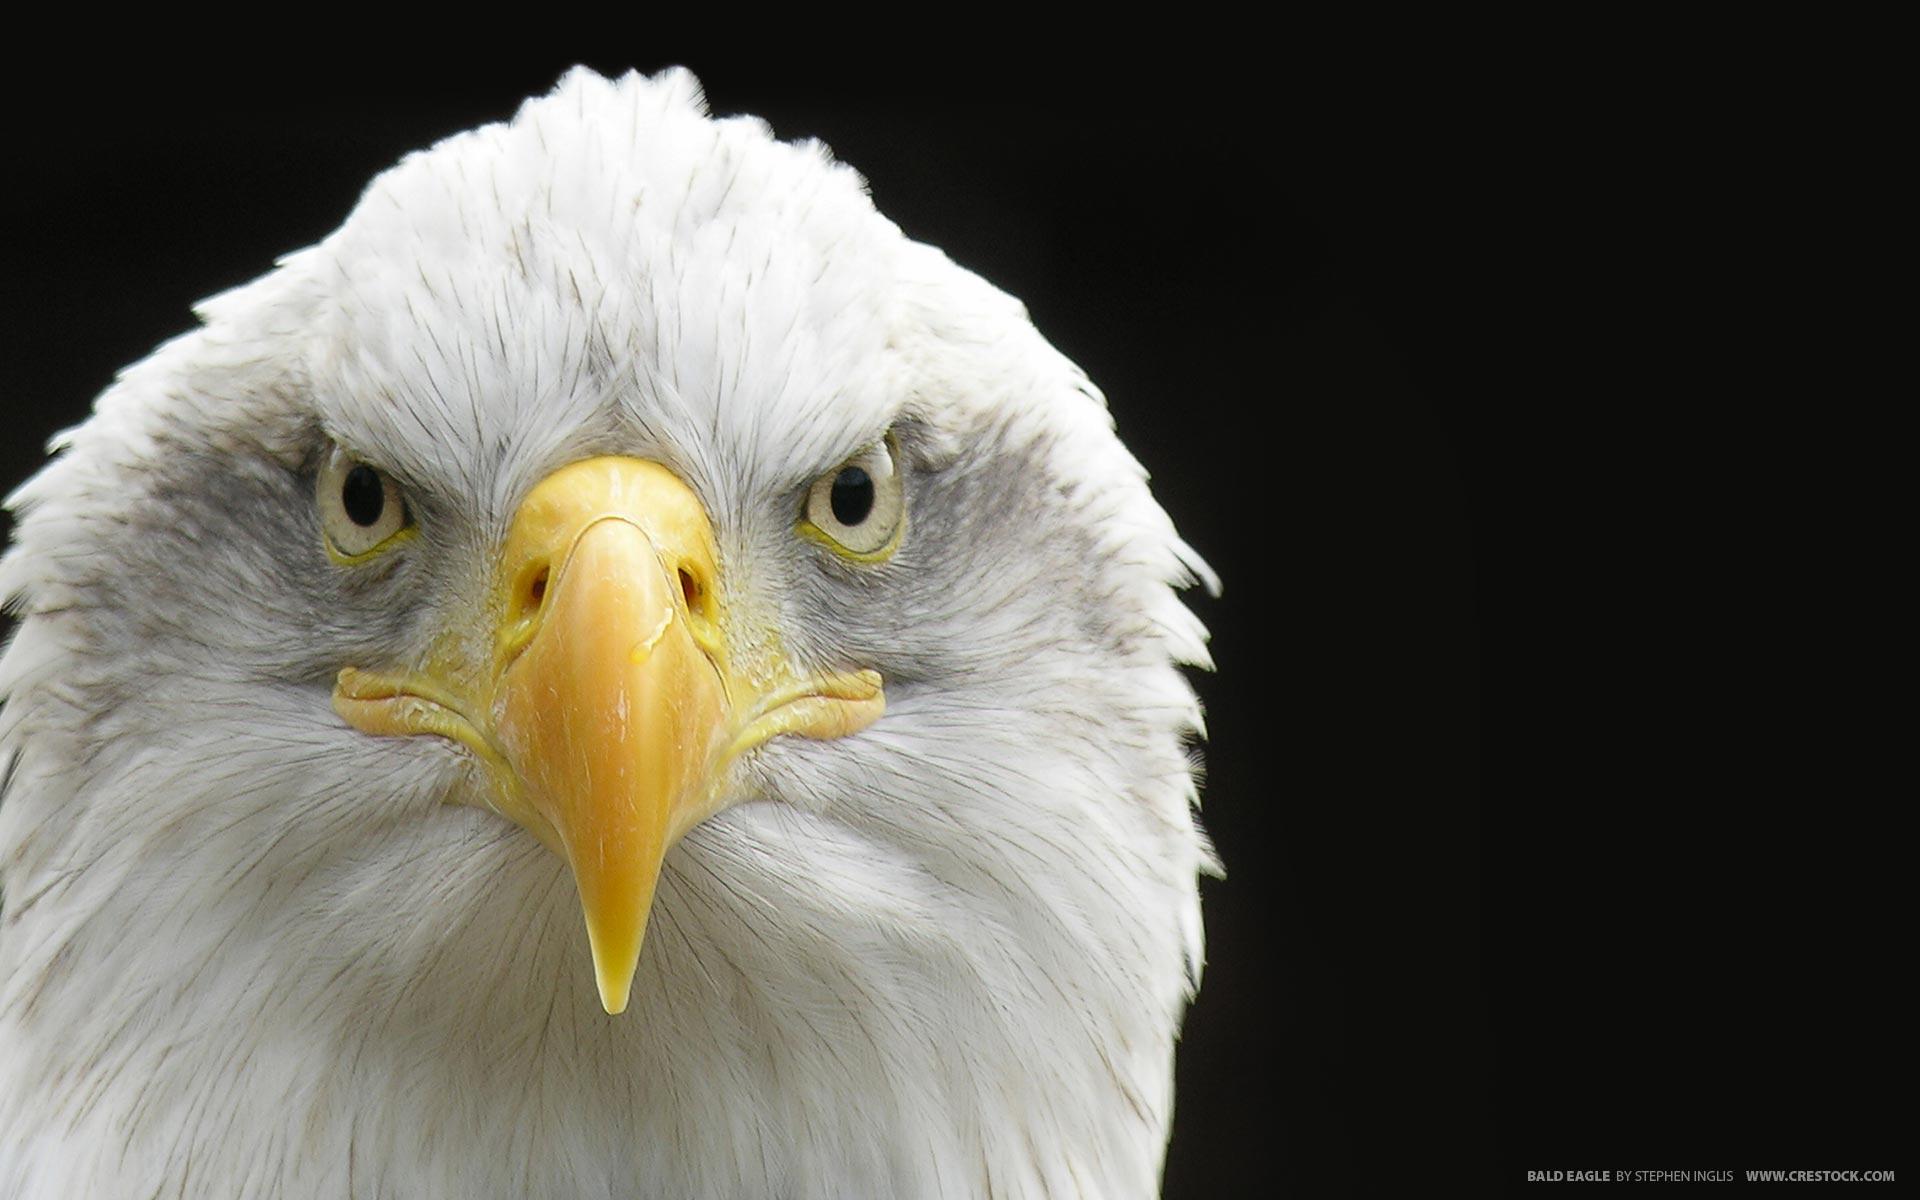 Aguila de cabeza blanca - 1920x1200